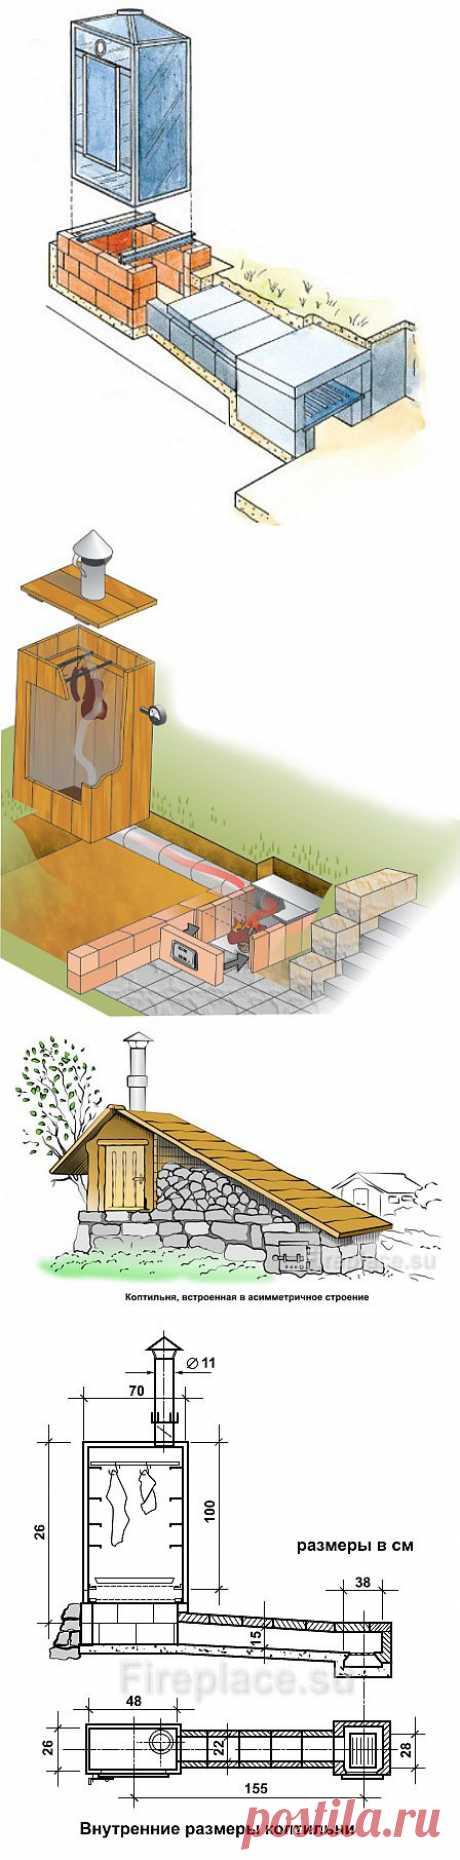 (+1) - коптильня самодельная | Строительство и ремонт